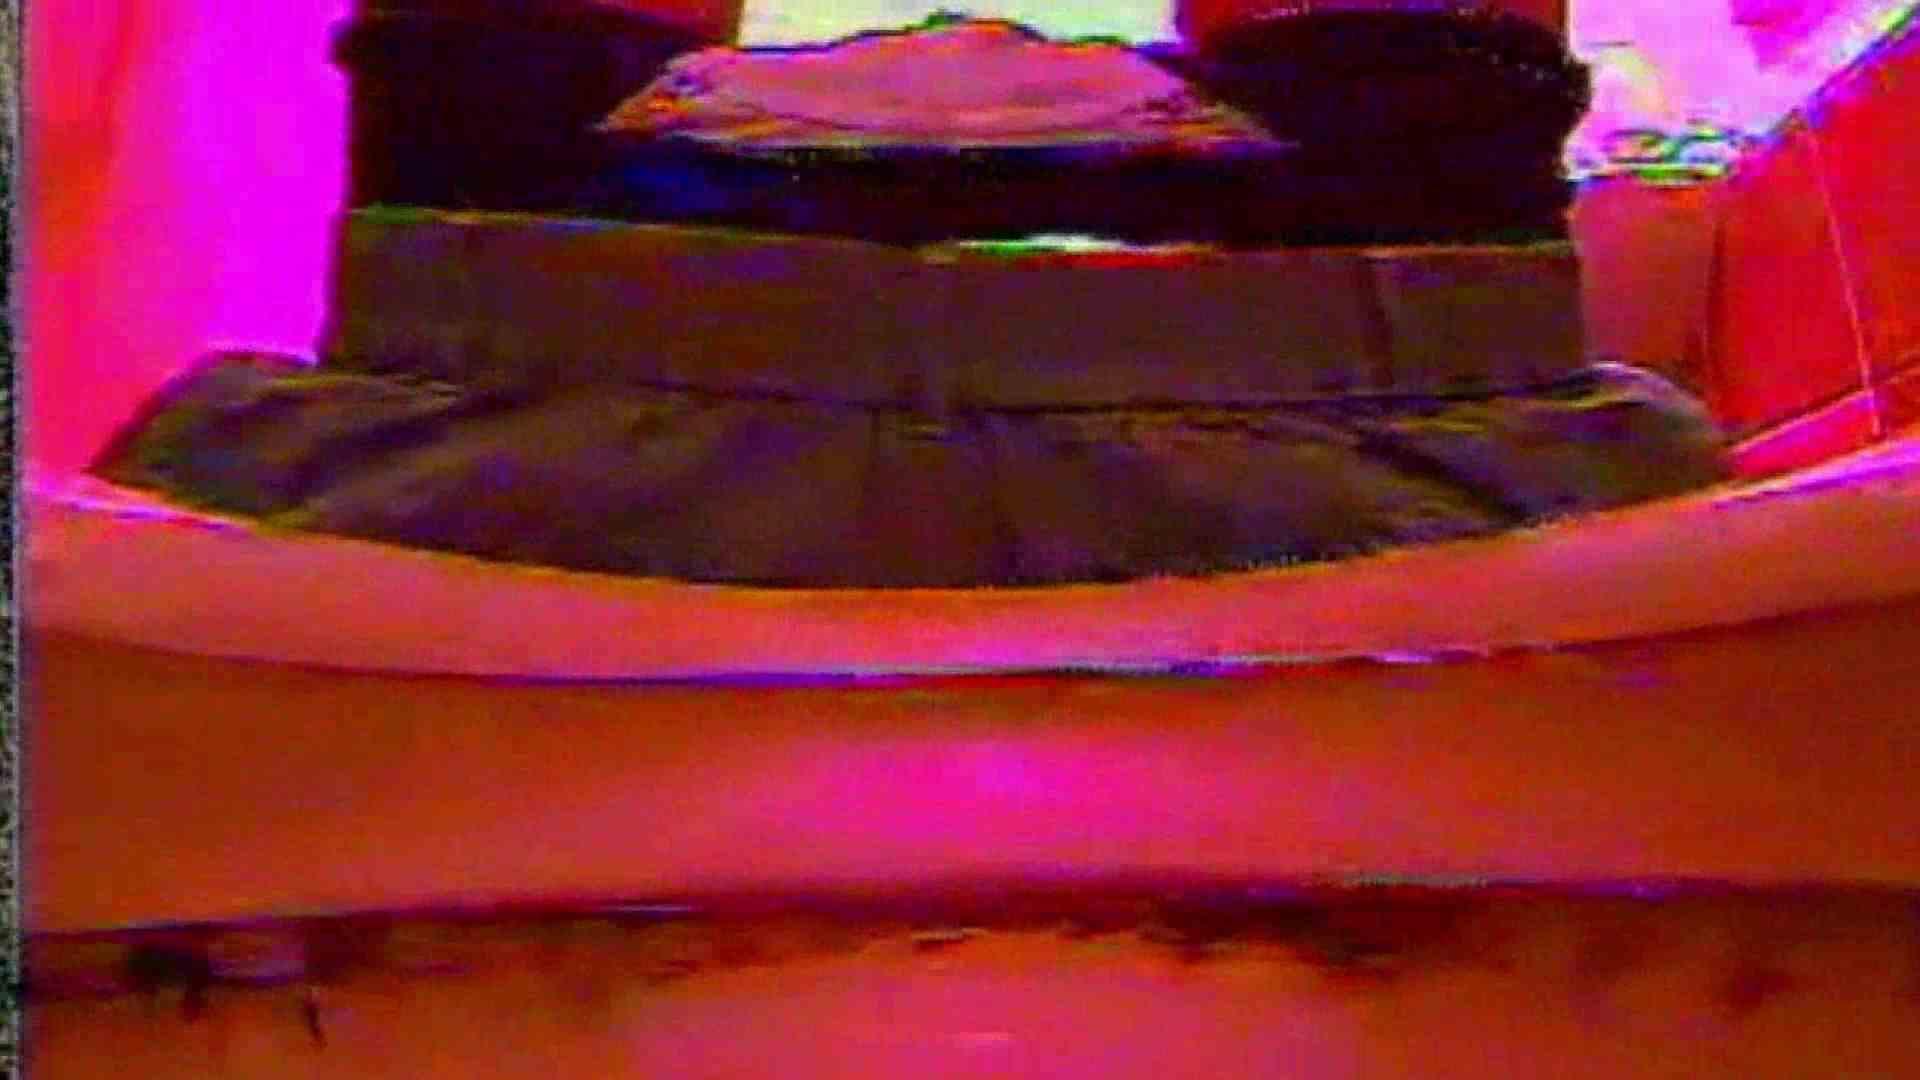 キレカワ女子大生の秘密の洗面所!Vol.049 洗面所はめどり オマンコ動画キャプチャ 102画像 43